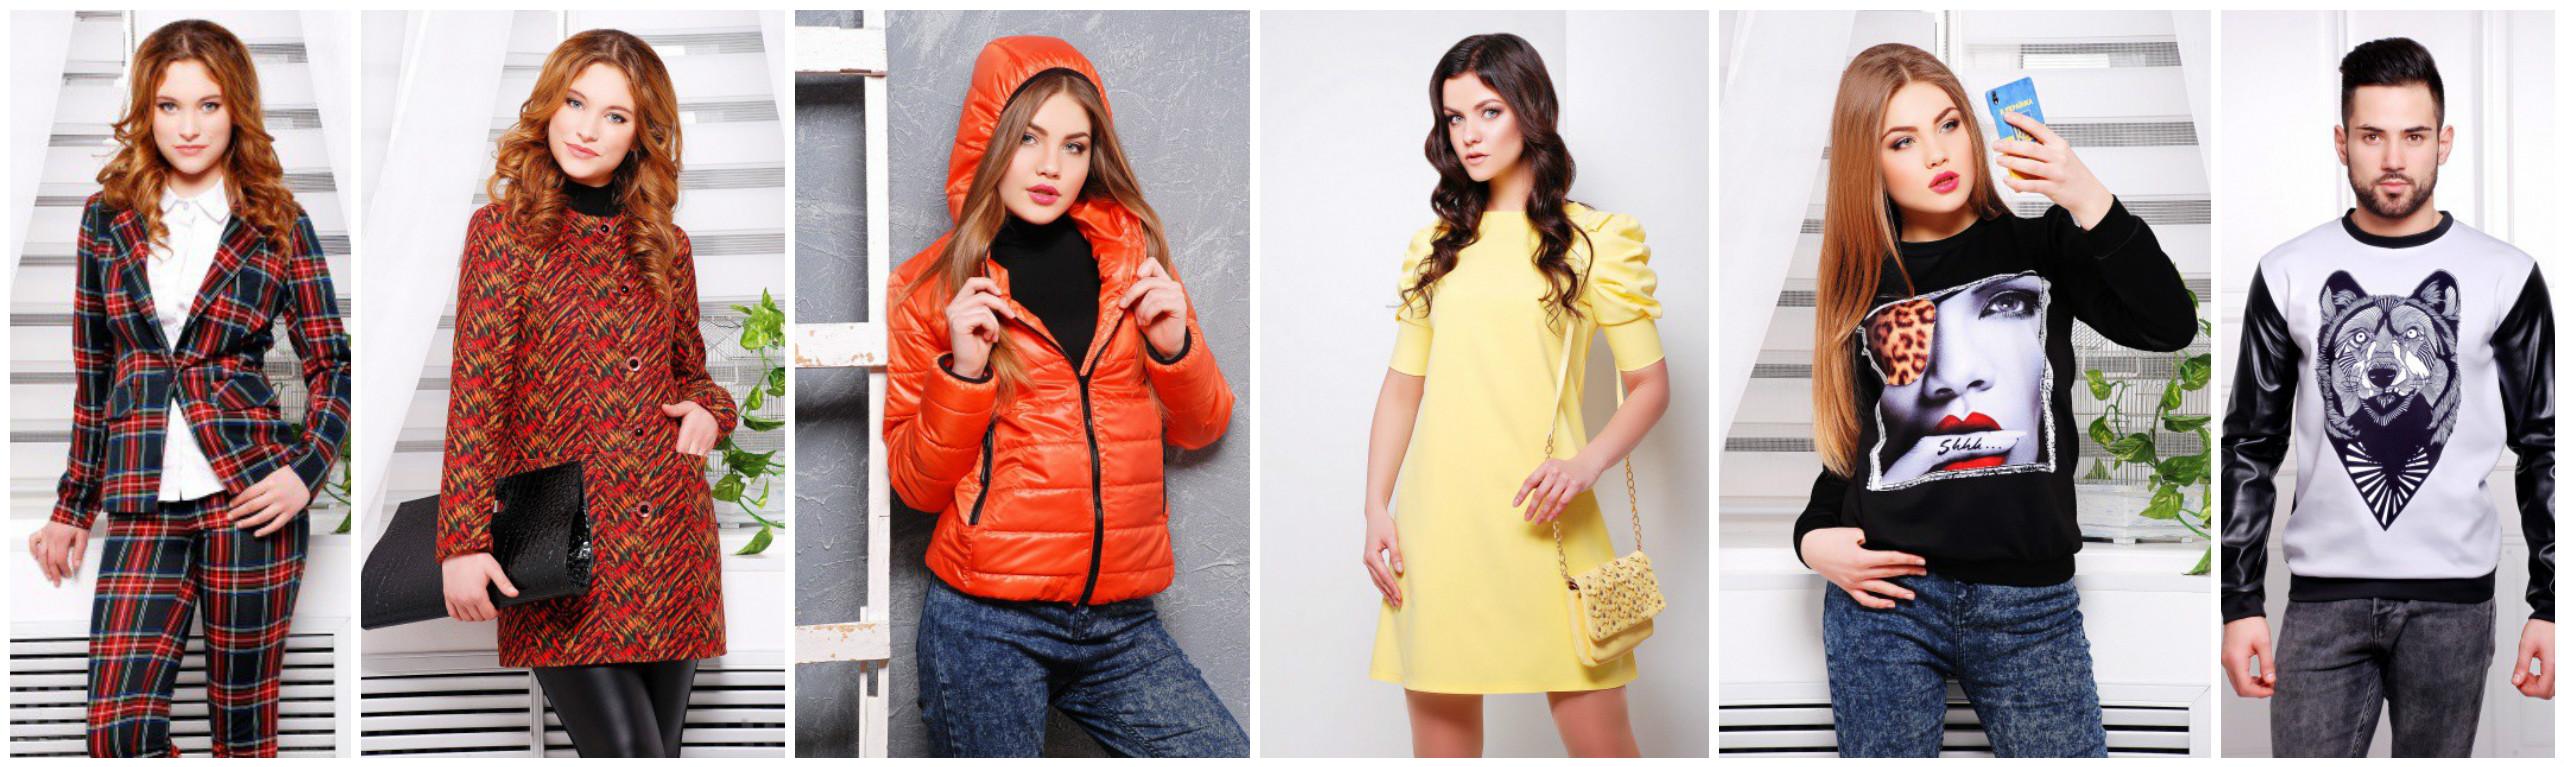 СБОР ЗАКРЫТ! Модная женская и мужская одежда от производителя ТМ Glem